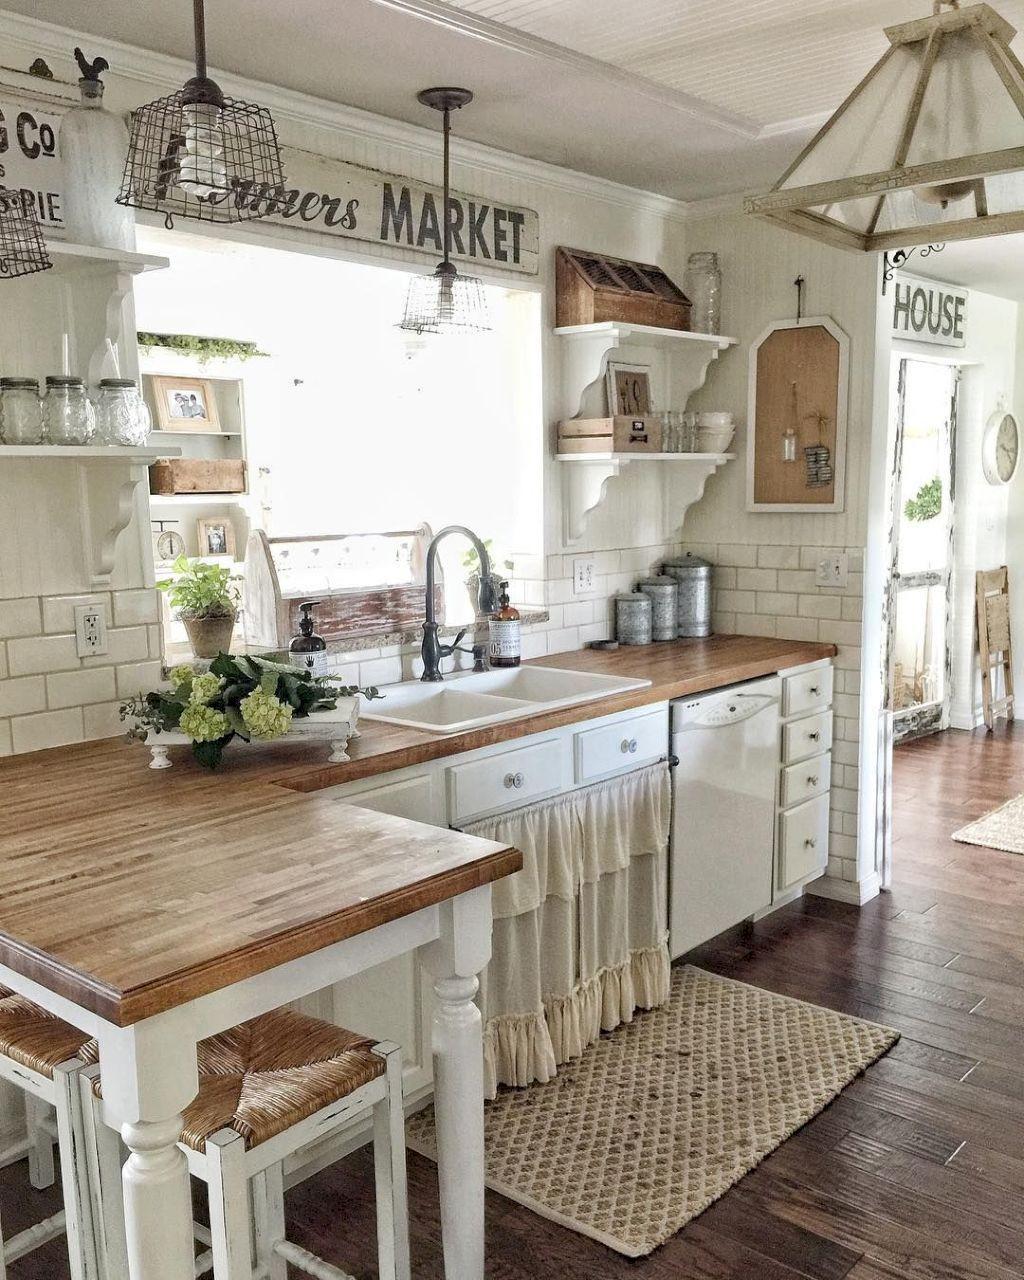 19 Best Rustic Farmhouse Kitchen Cabinets Ideas | Landhausstil deko ...